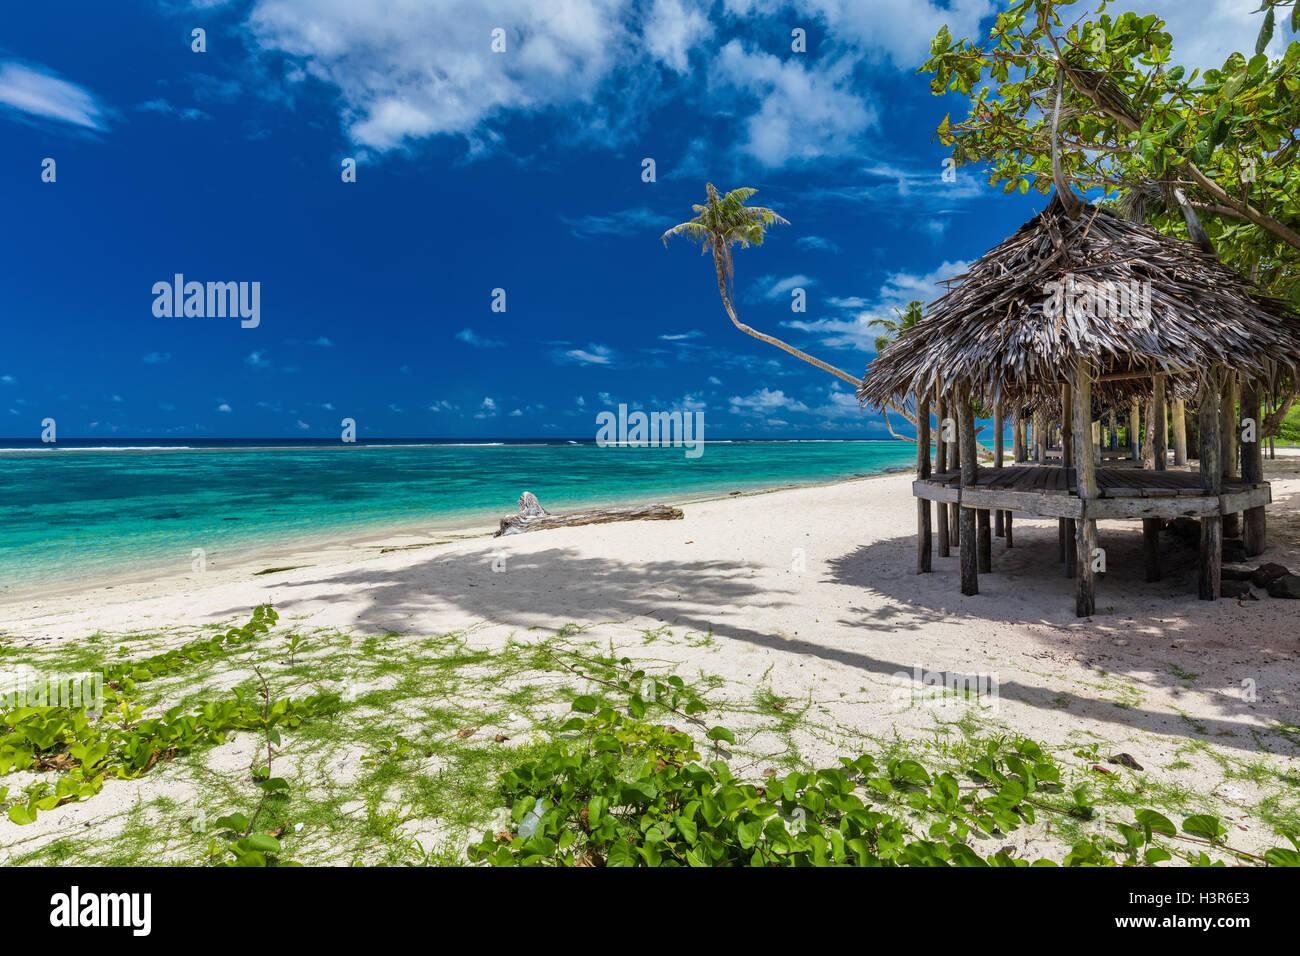 Tropical vivace spiaggia naturale su Samoa Isola con palme e fale Immagini Stock